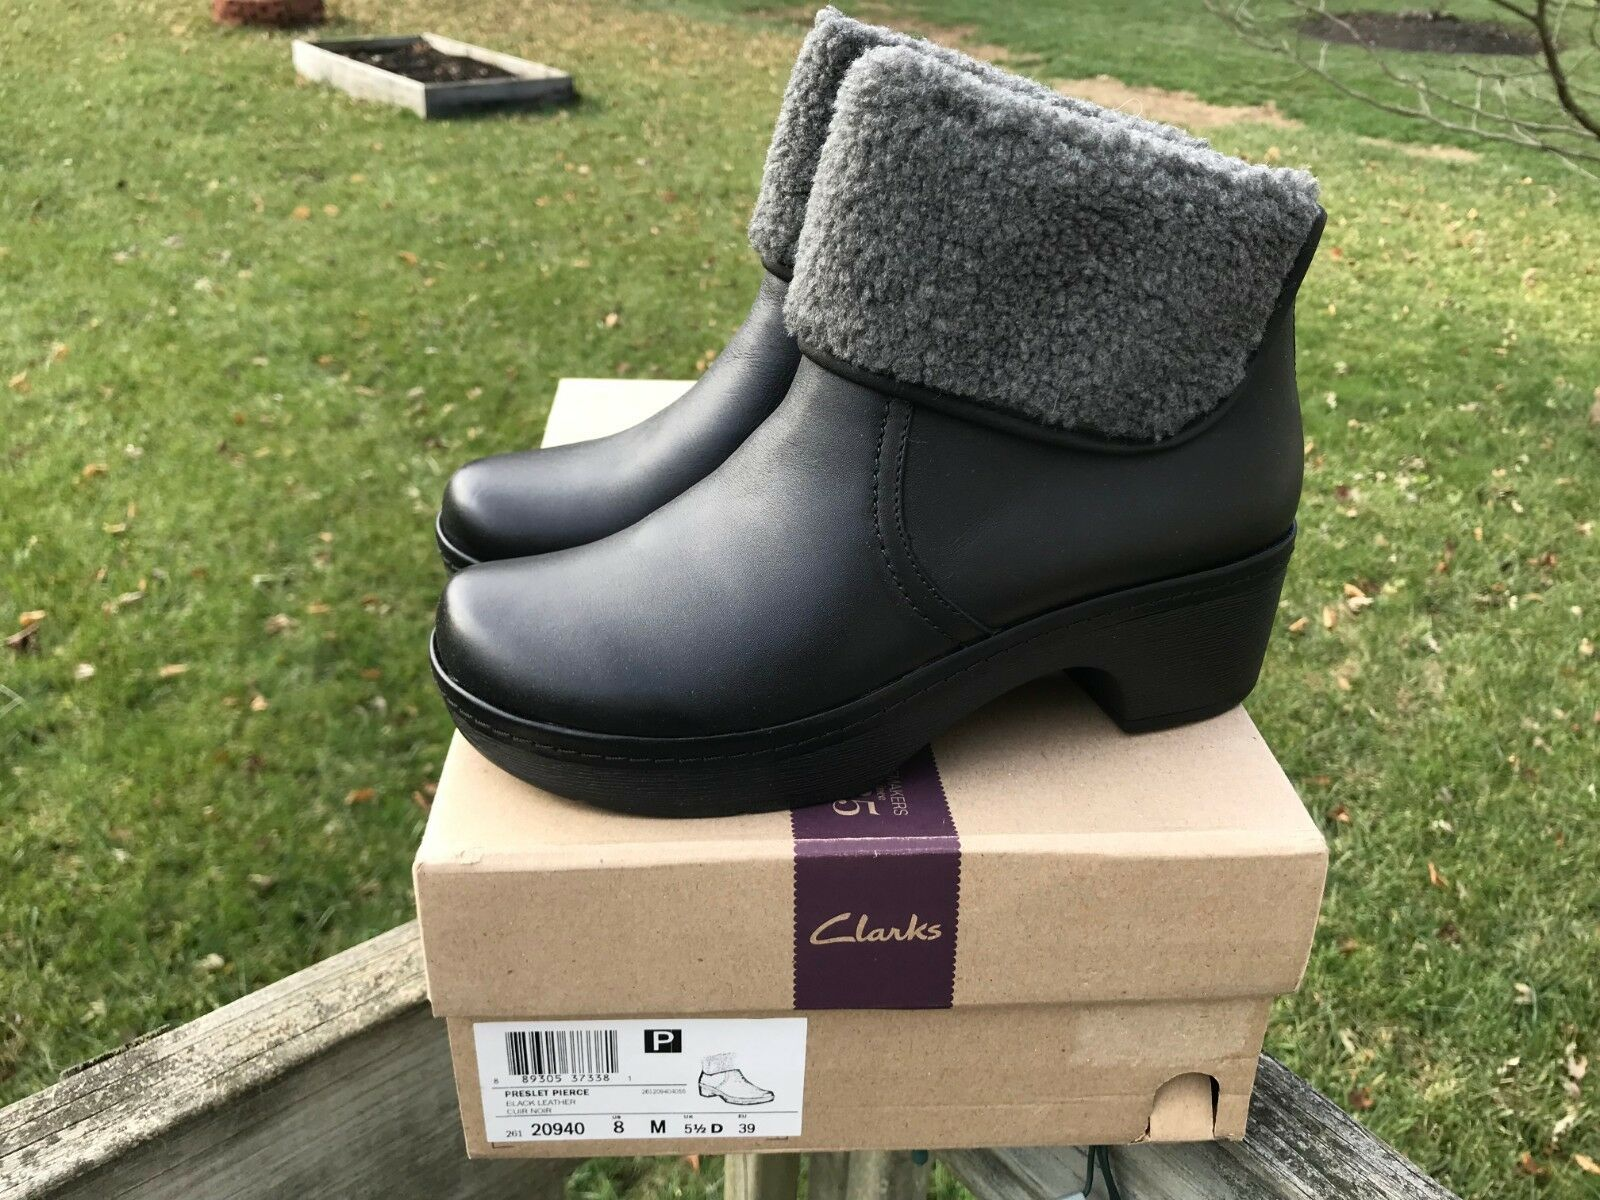 Clarks Preslet Pierce Mujer Negro botas De Gamuza Piel Piel Piel 26120940  perfecto